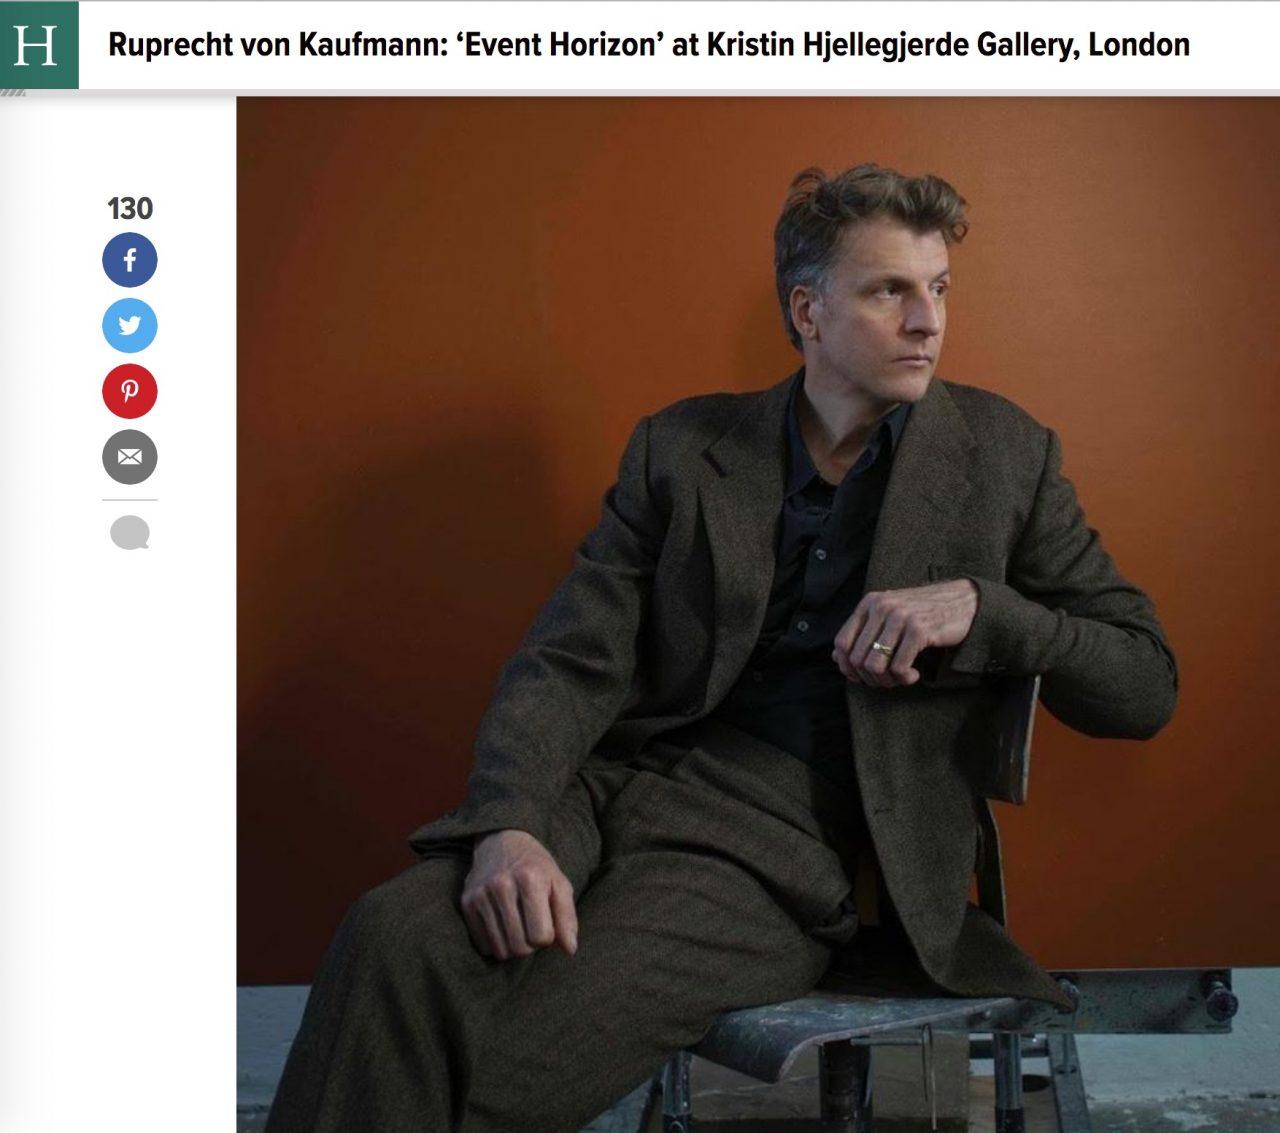 Ruprecht von Kaufmann: 'Event Horizon' image